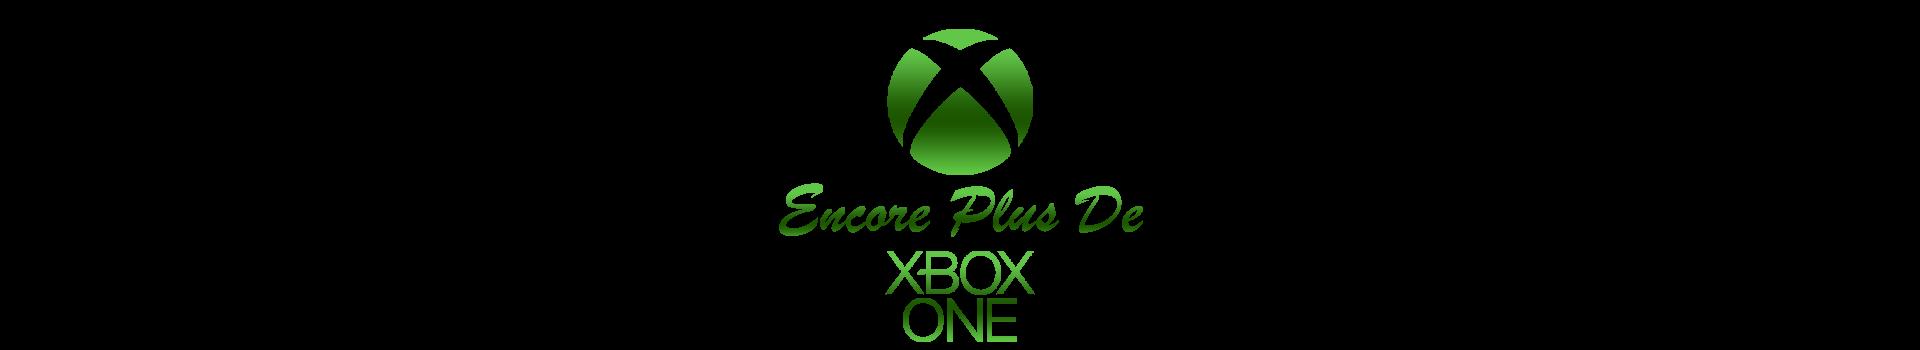 Encore Plus de Xbox One